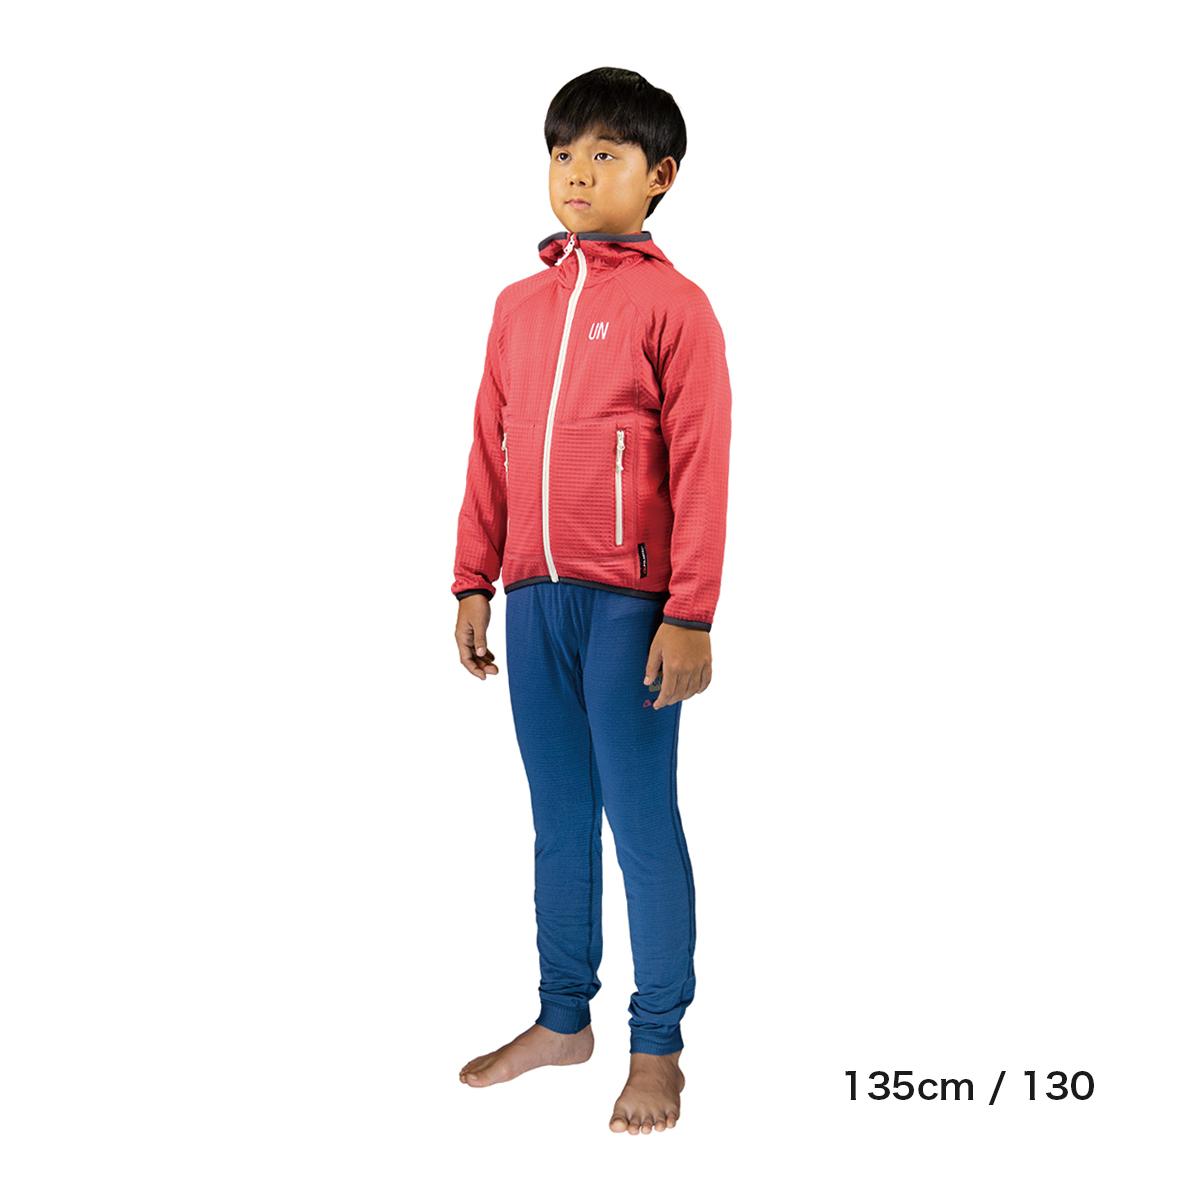 Kids 130 / UN2100 Light weight fleece hoody / Red